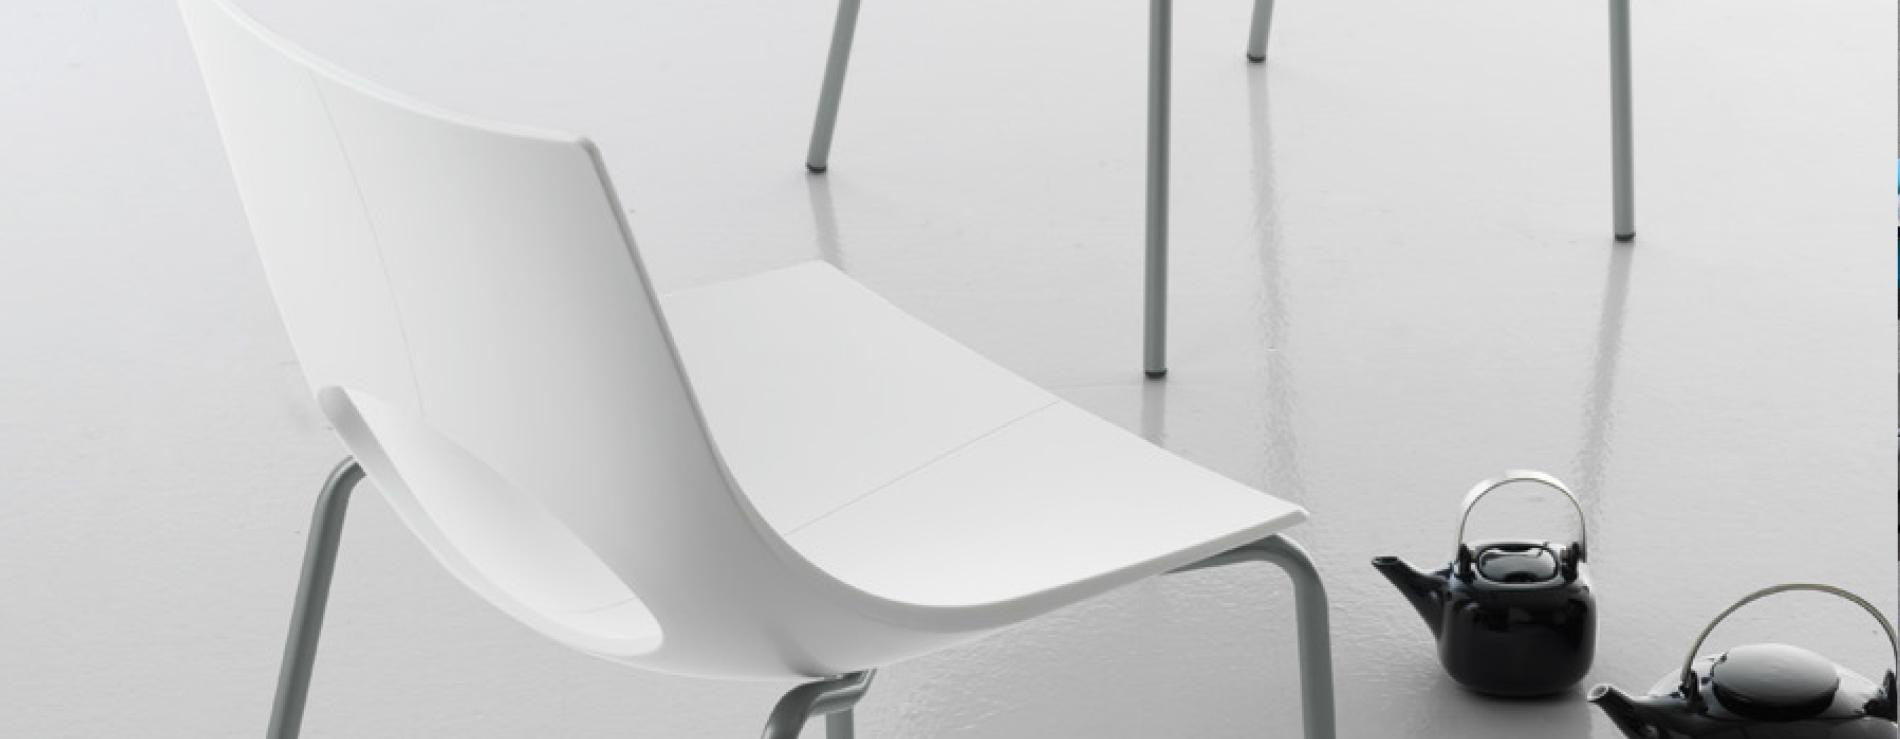 Look - Sedie - Scavolini - Centro Mobili